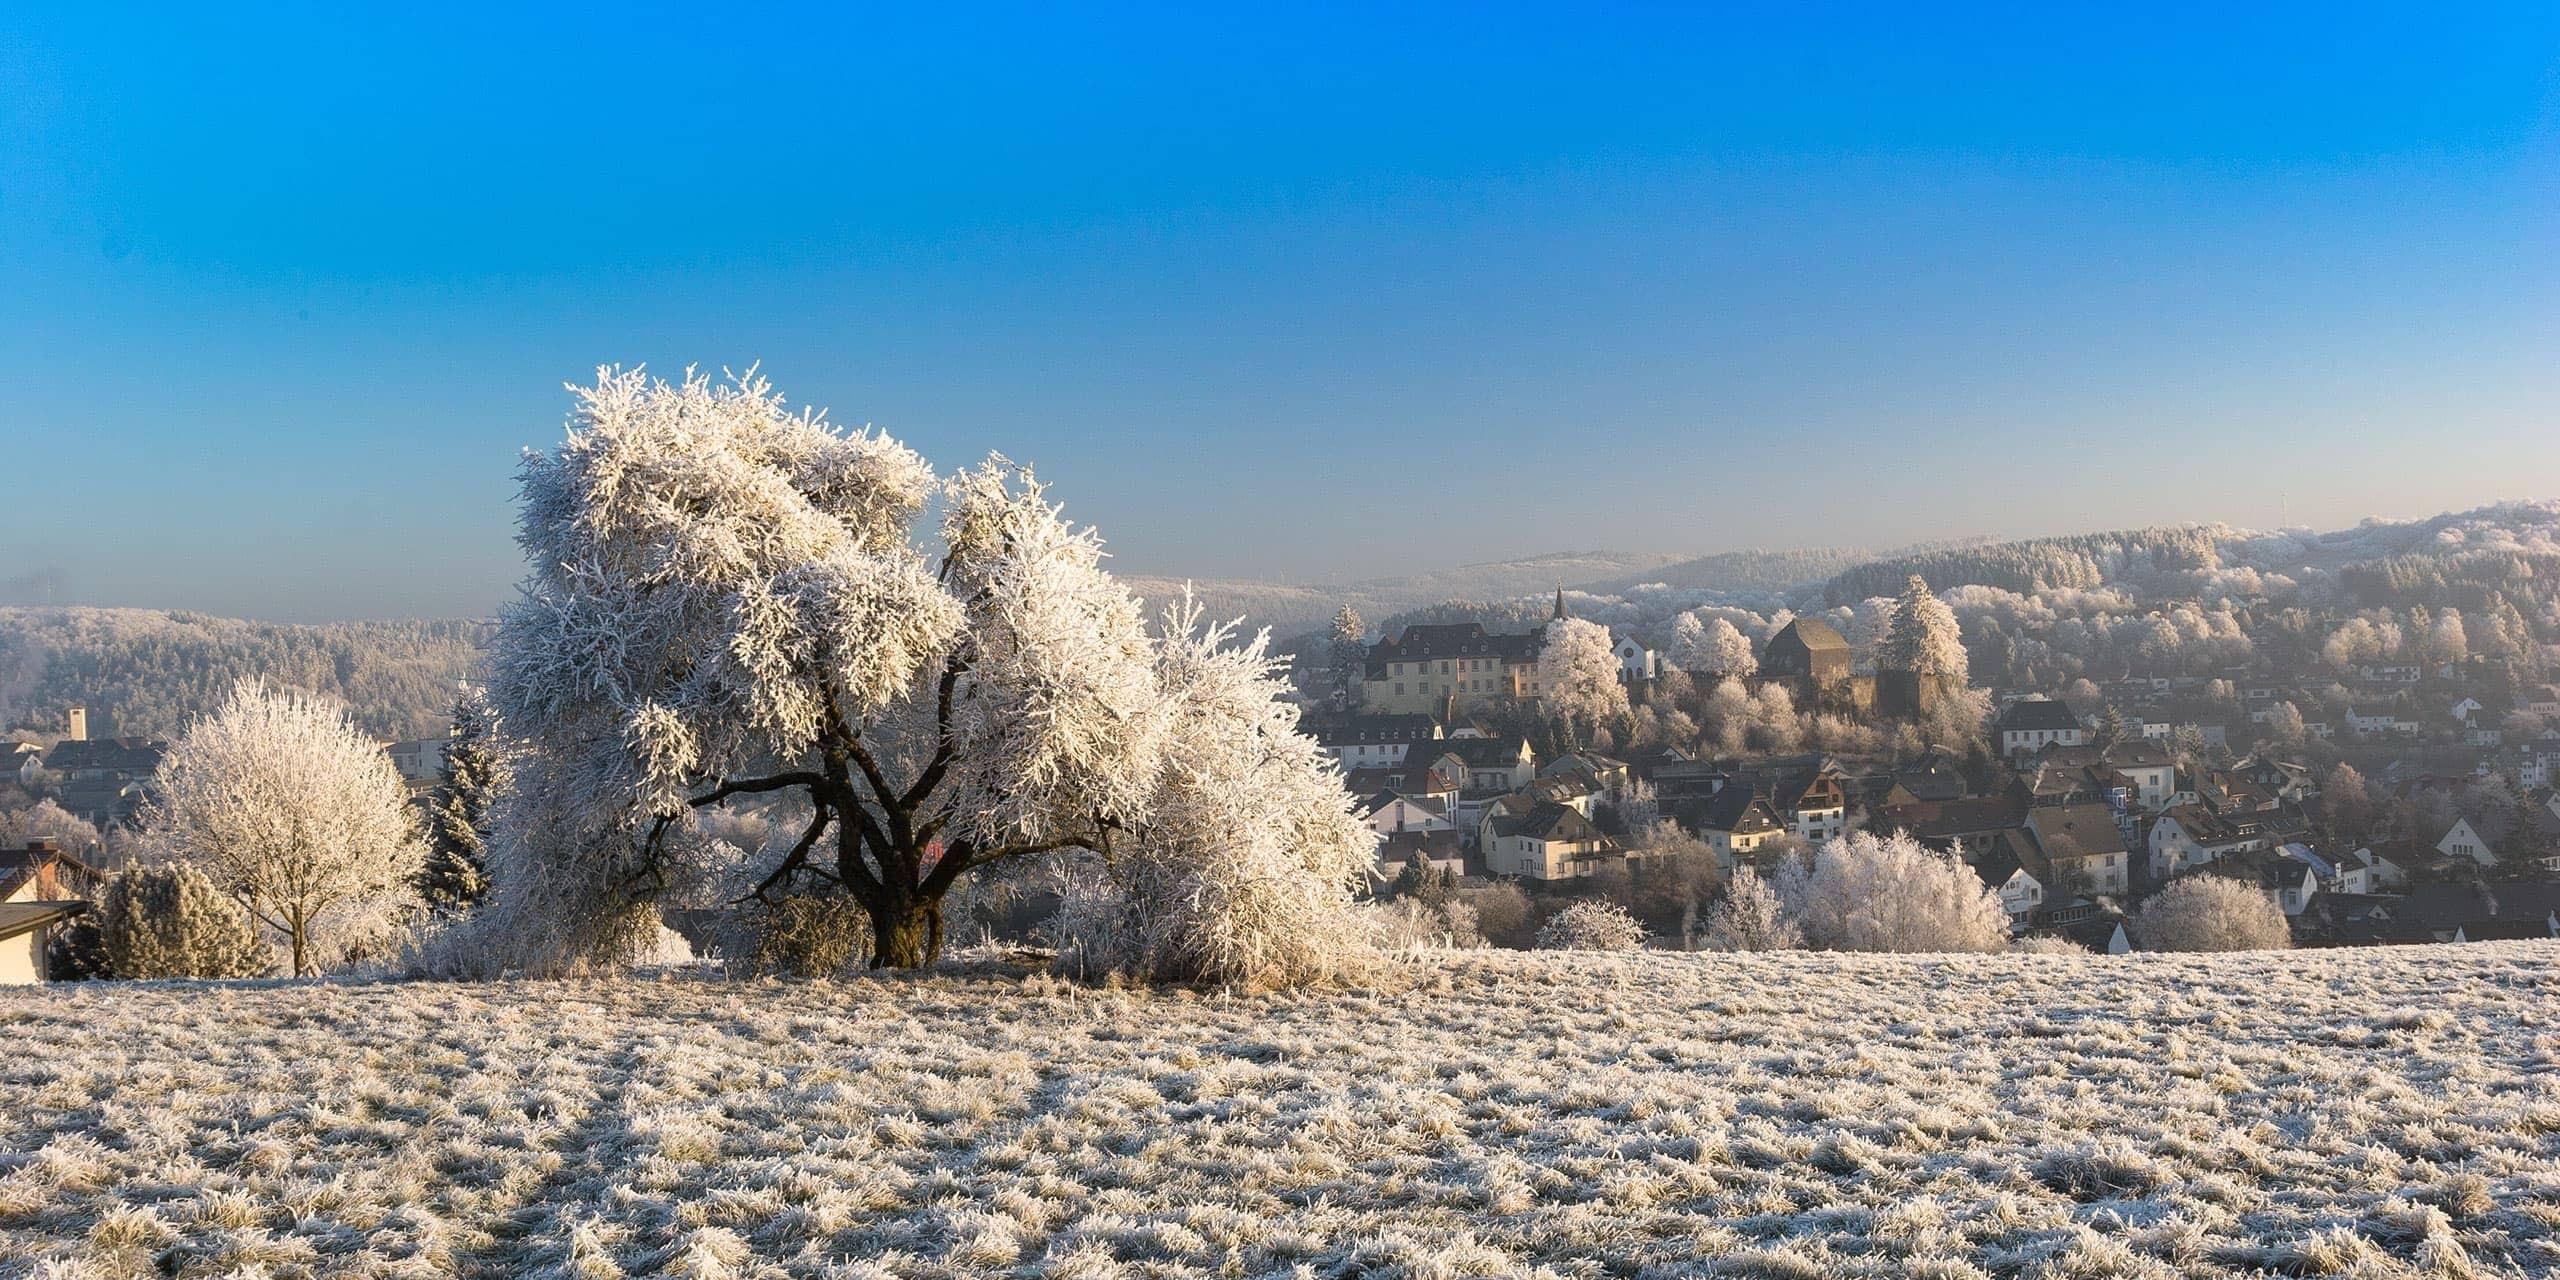 Aussicht auf Daun - Winter in der Eifel